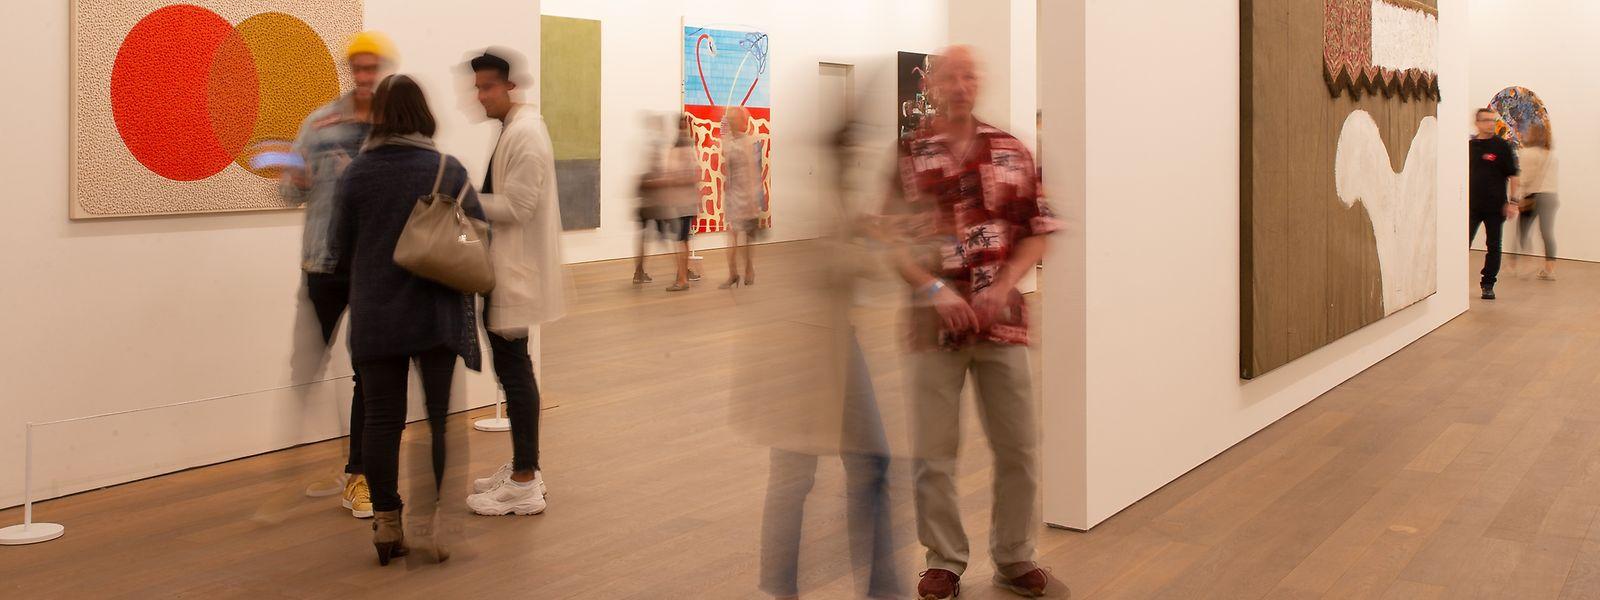 MUDAM exposition Peintures des annees 1980 et 1990, Mudam Collection, La nuit des musees 2018, Luxembourg City, Ville de Luxembourg, Kirchberg, 13.10.2018, Foto: Laurent Ludwig